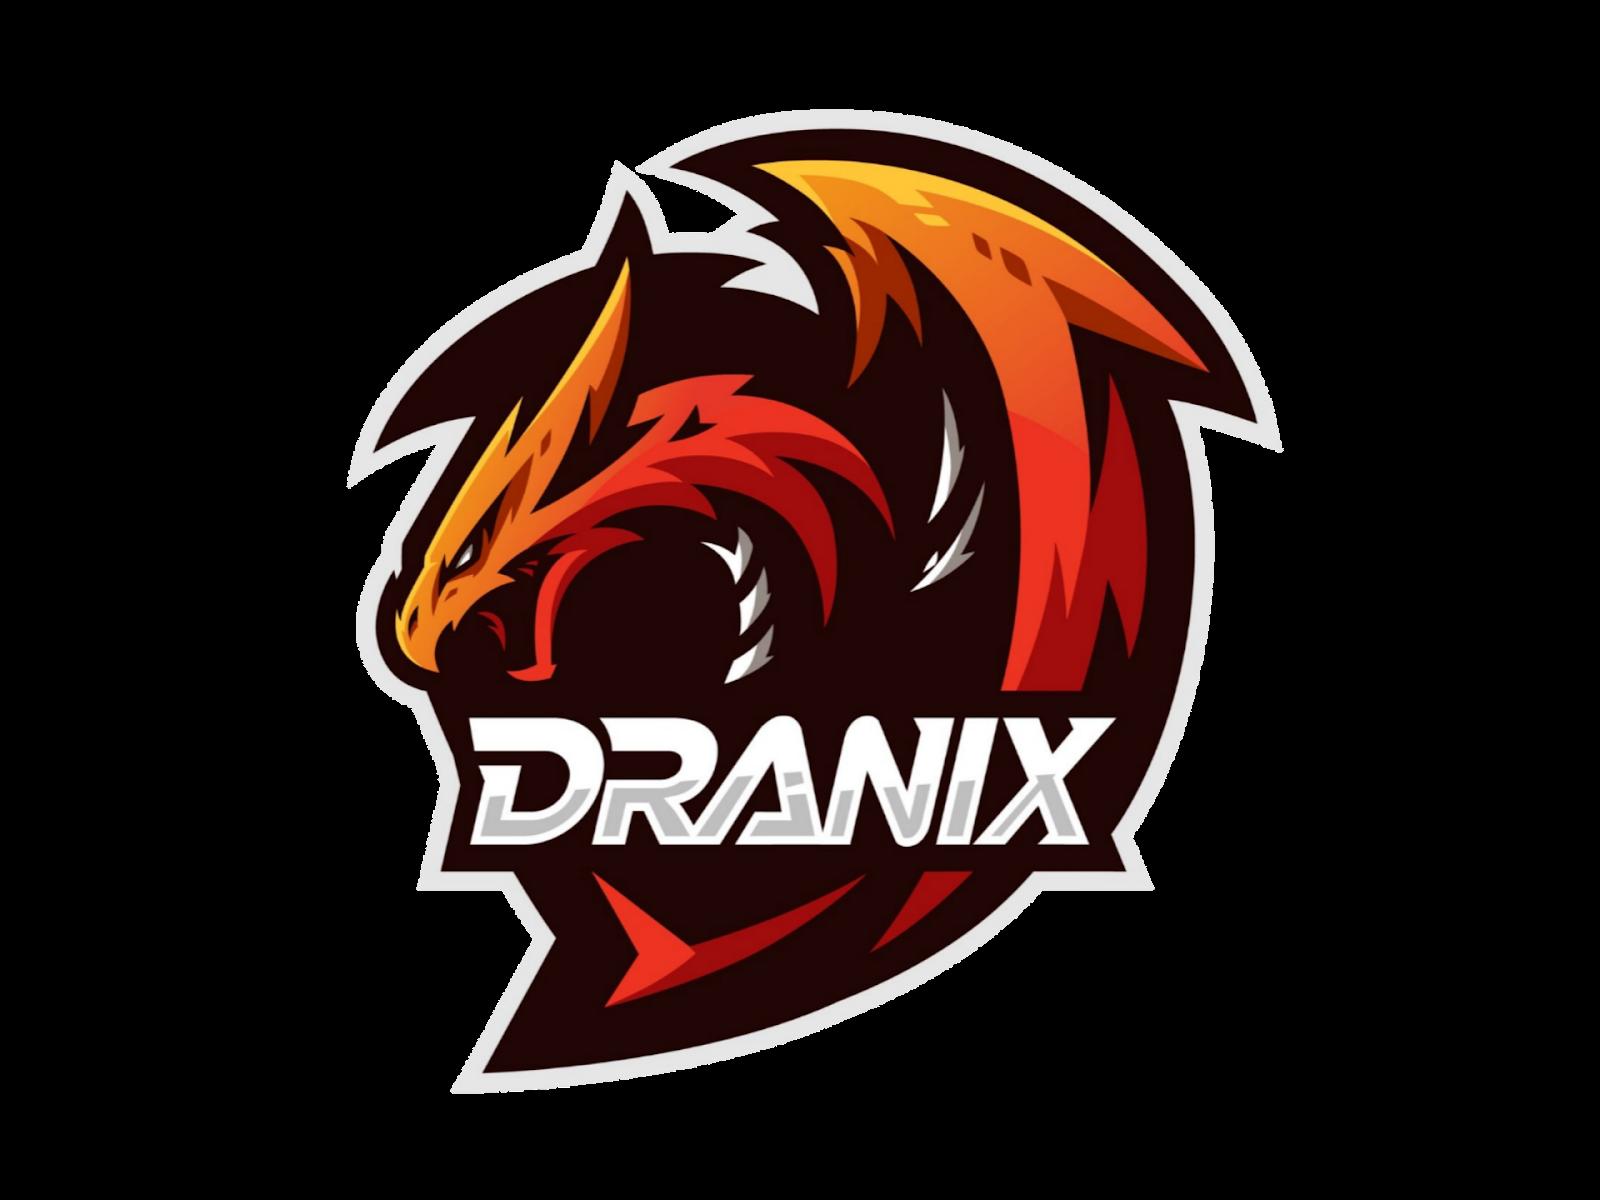 Logo Dranix Esports Format PNG